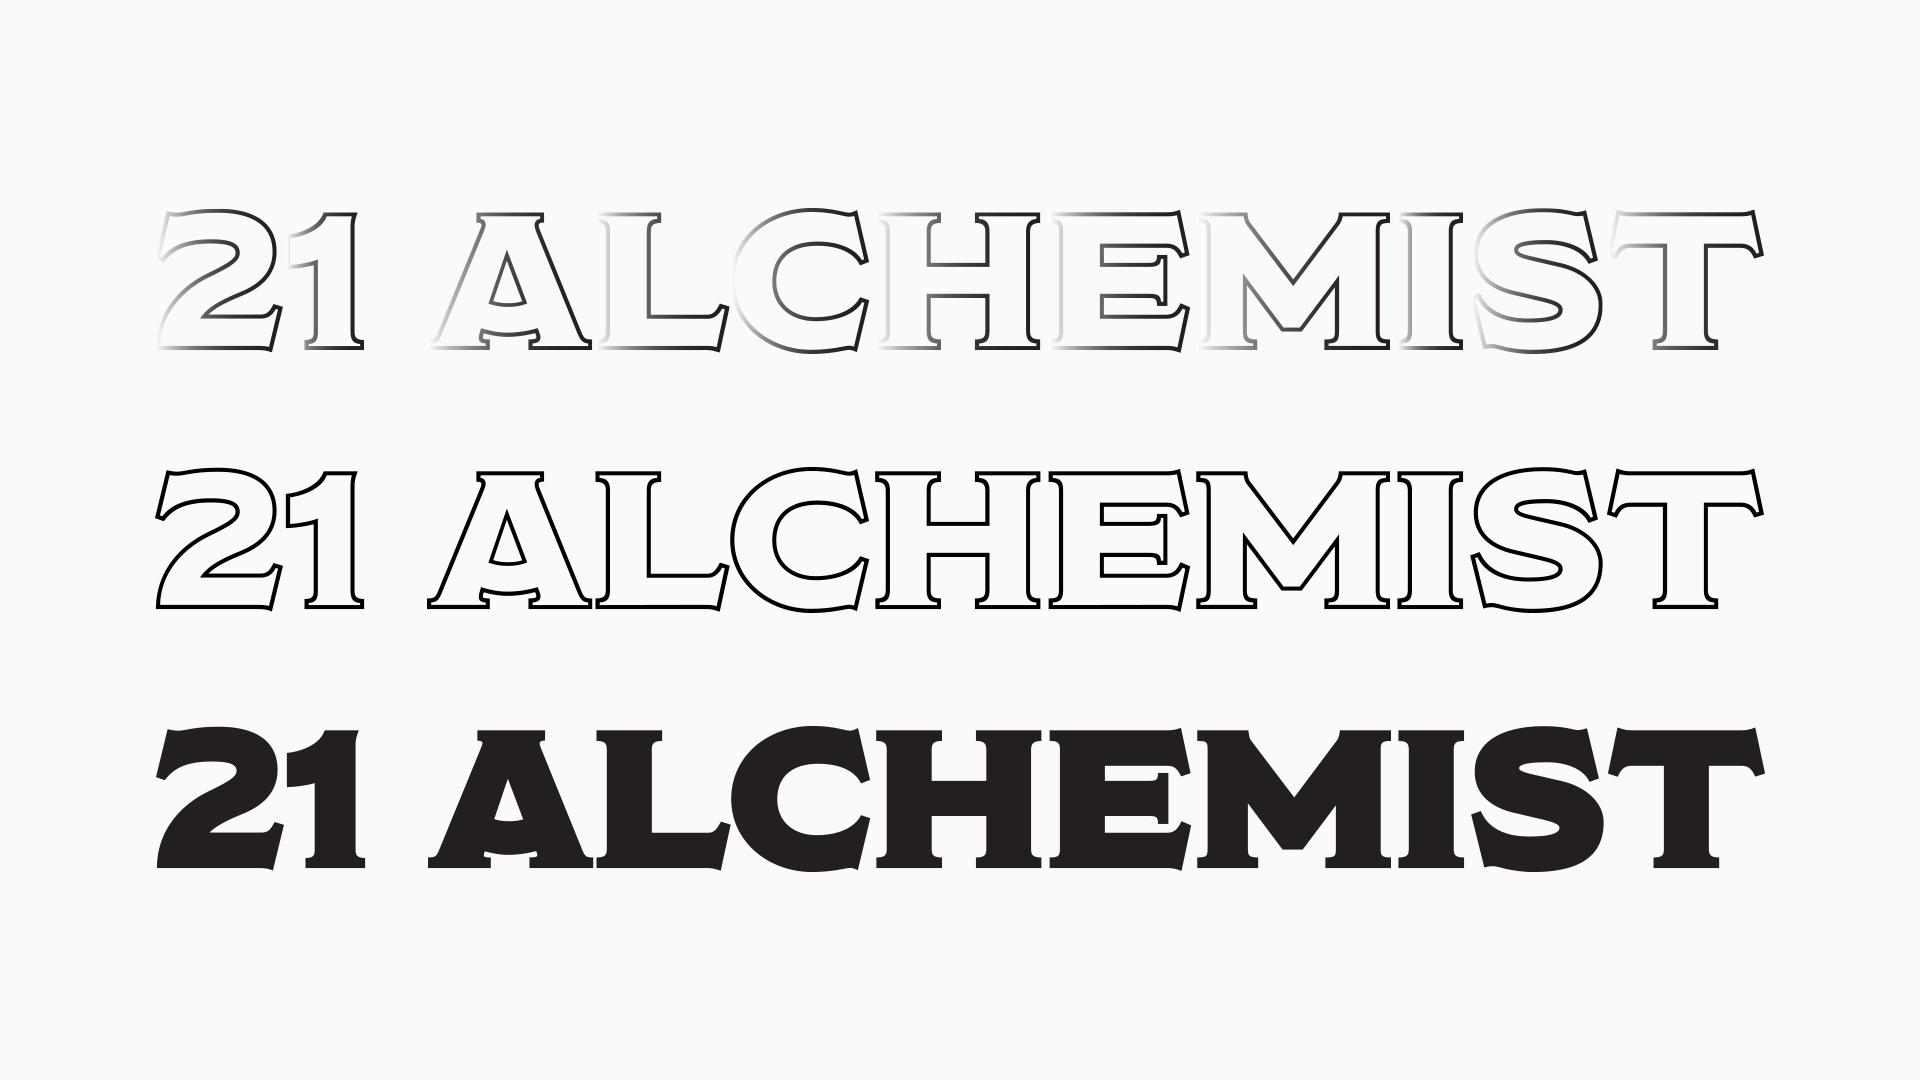 21 Alchemist logo variations.